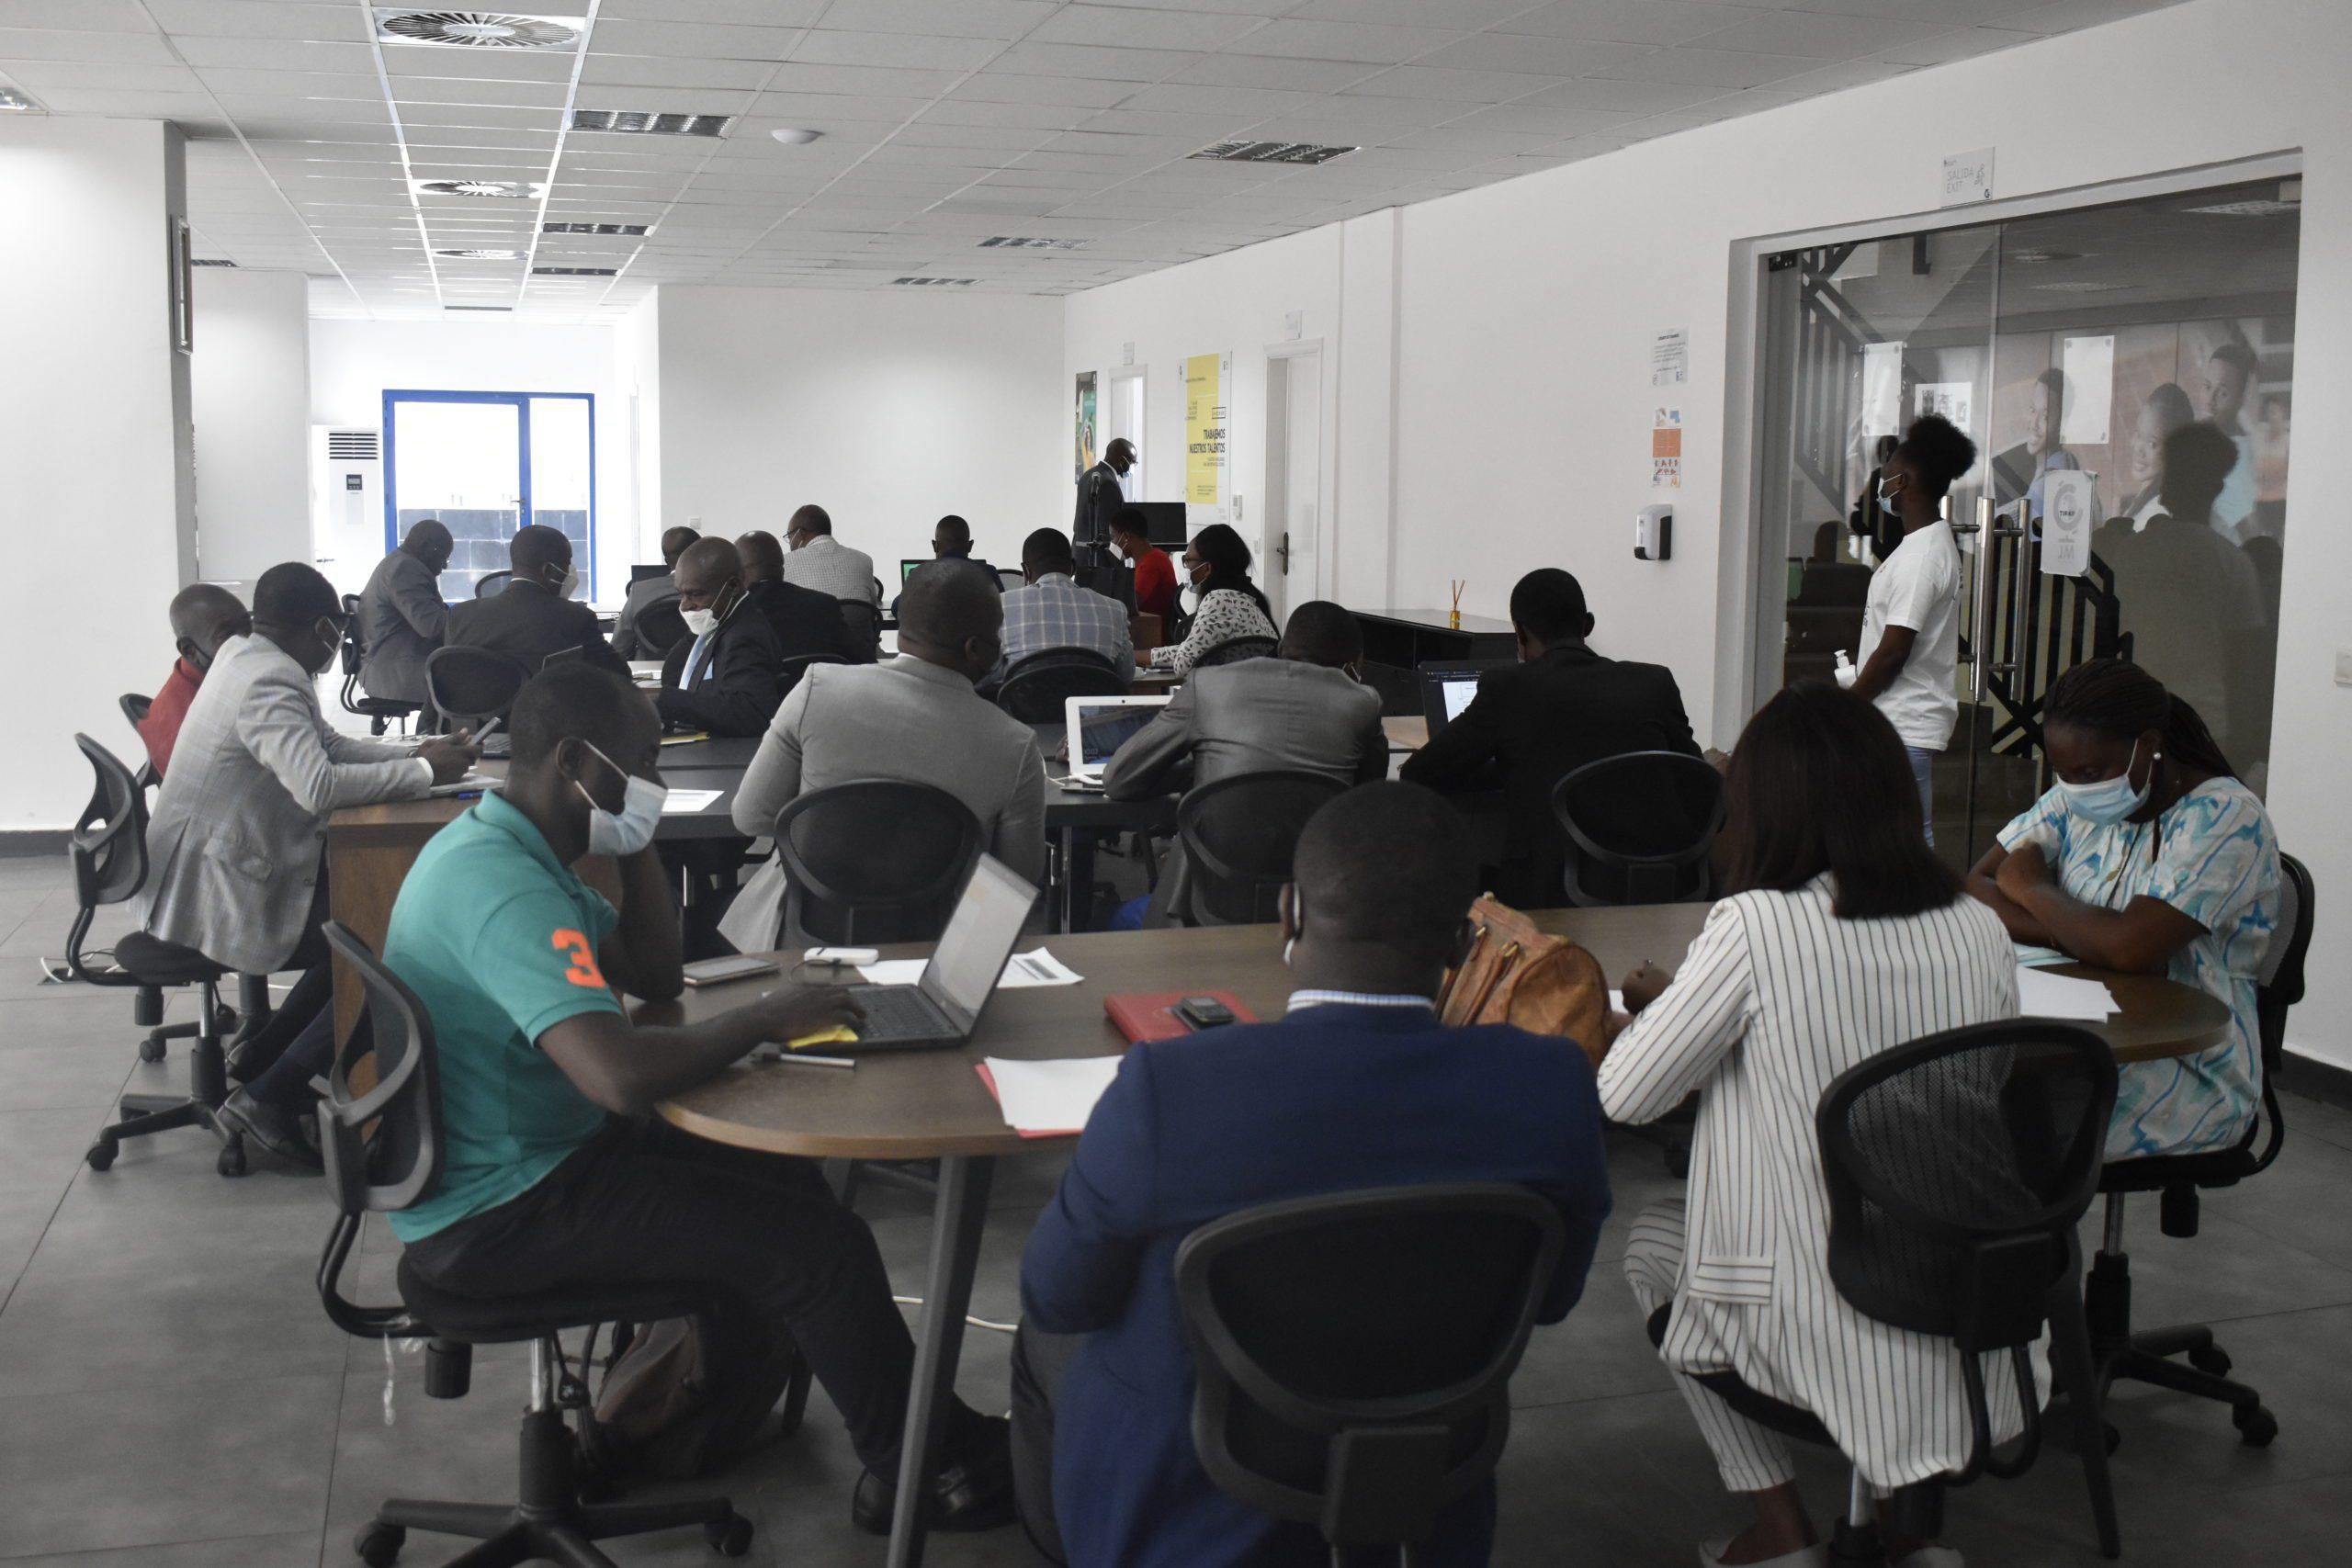 PNUD presenta su oferta de financiación de proyectos de los países de la Cuenca del Congo de la que Guinea Ecuatorial es parte